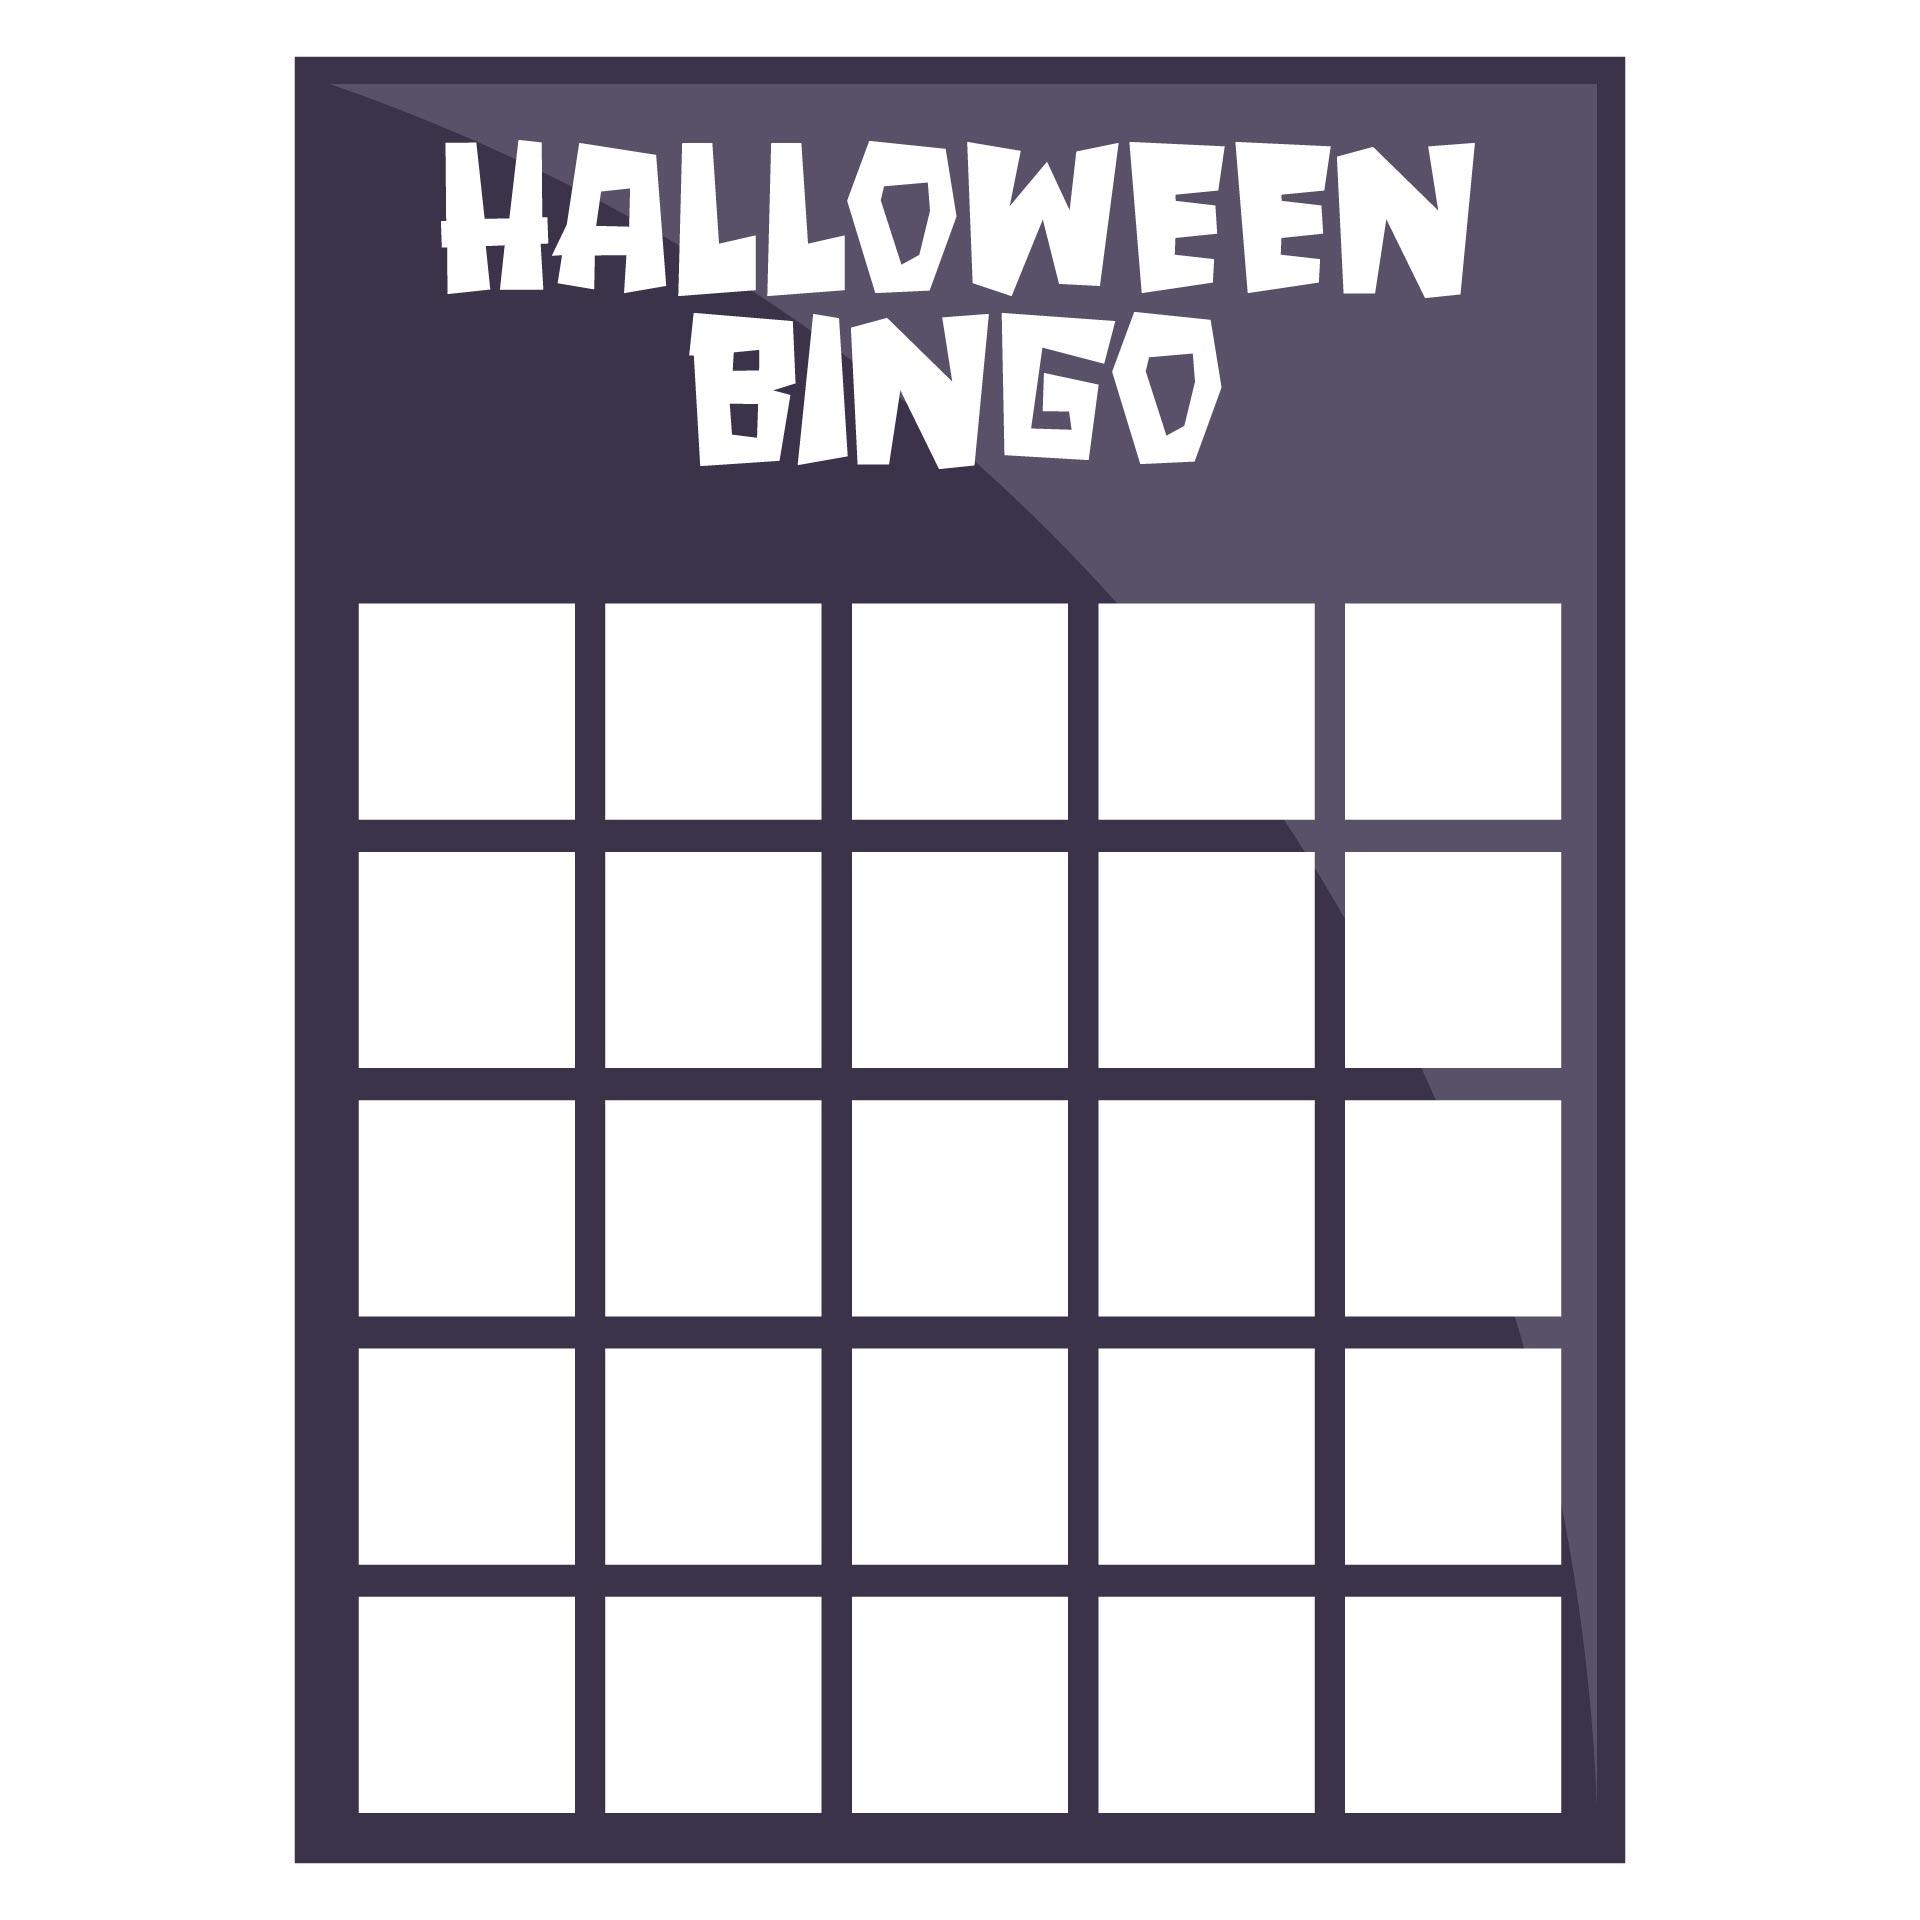 Blank Halloween Bingo Cards